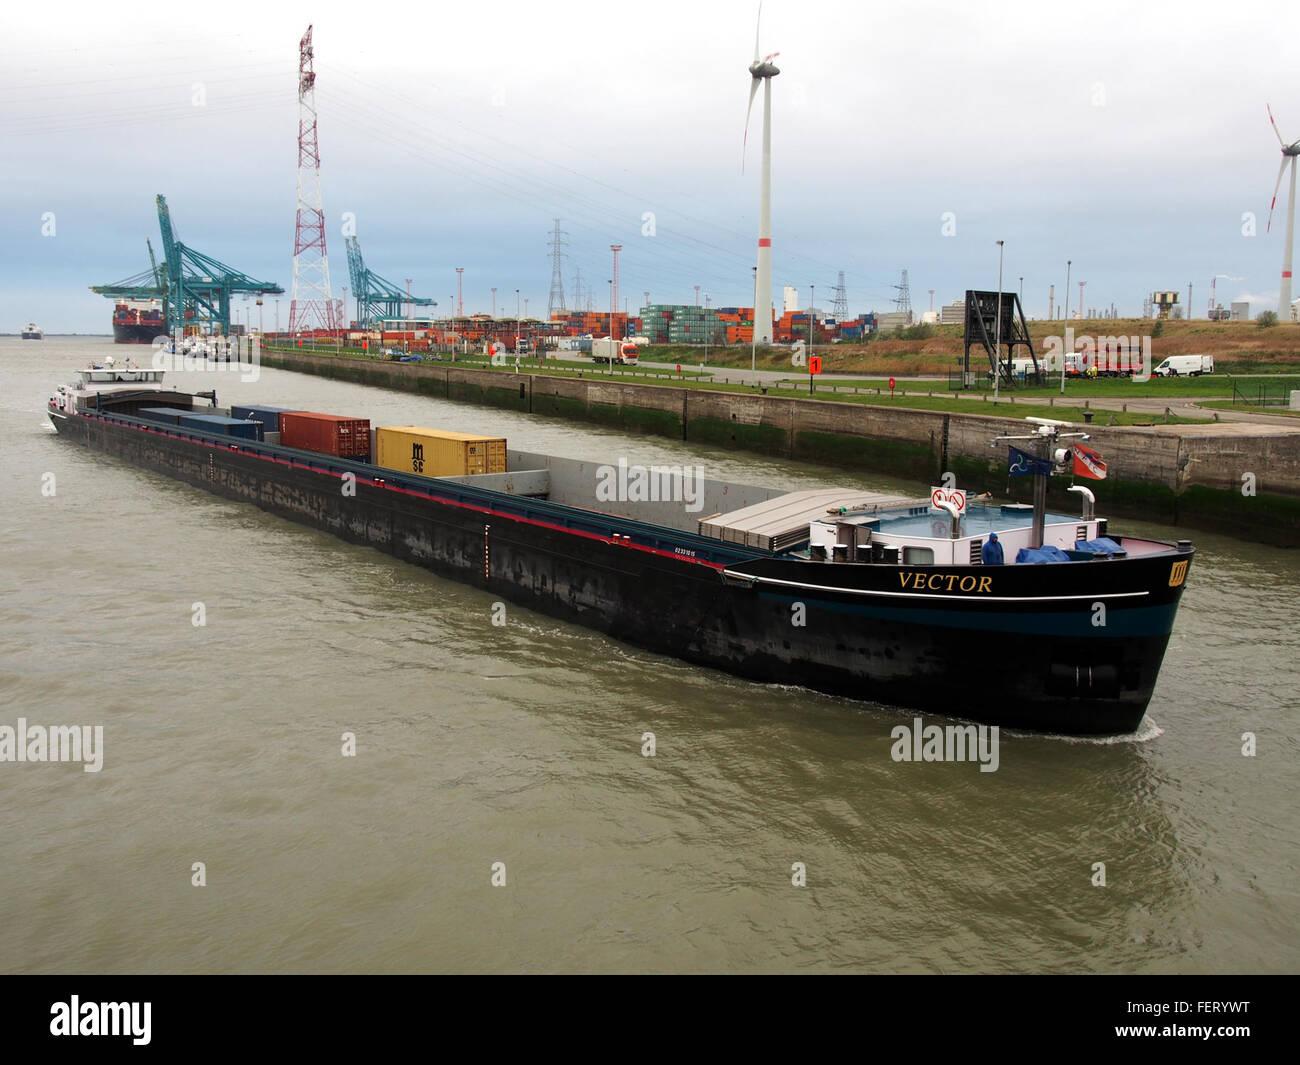 Vektor (Schiff, 2008), ENI 02331015 Hafen von Antwerpen pic2 Stockbild